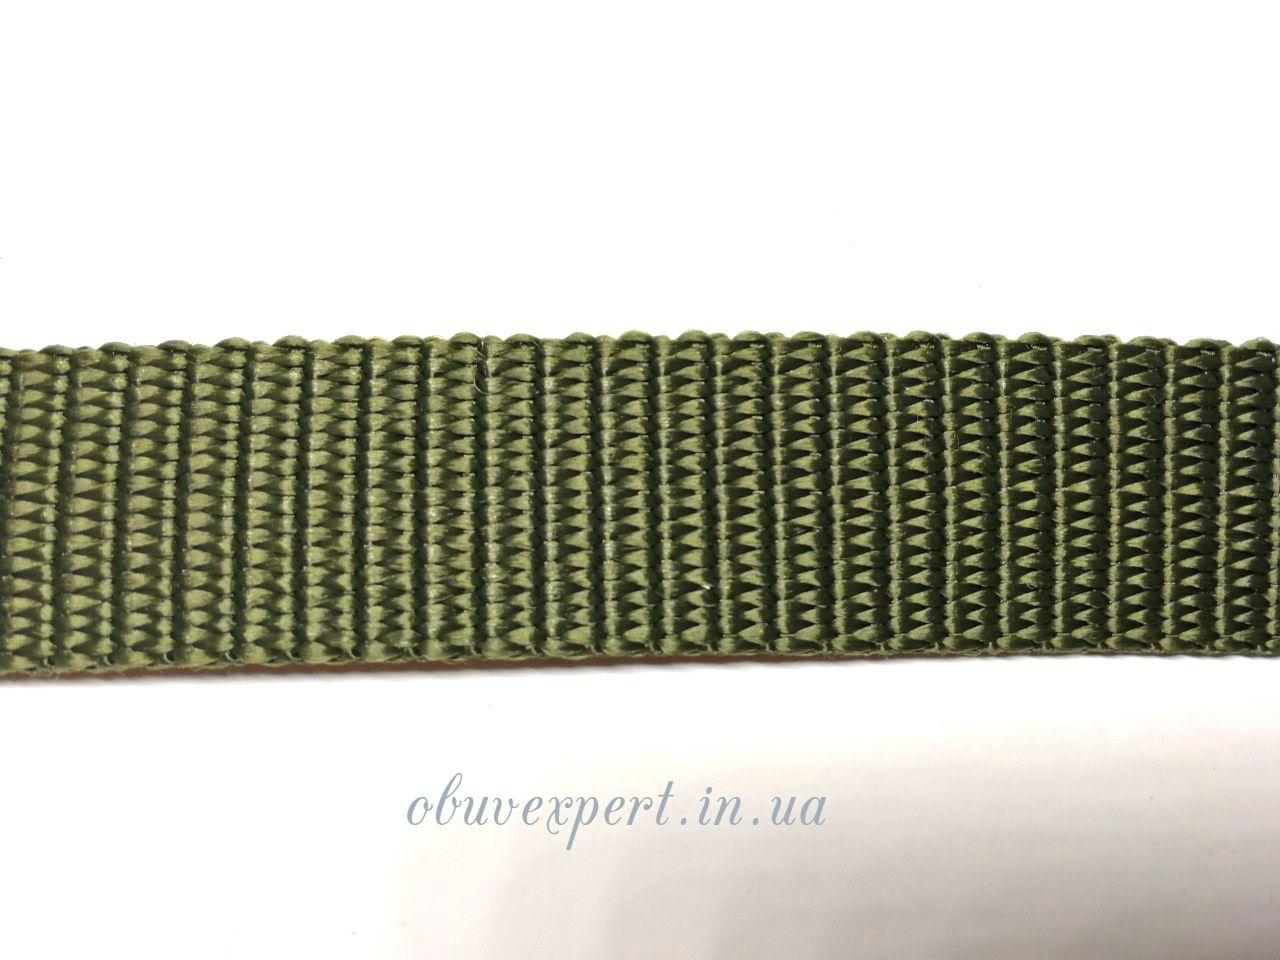 Ременная лента 30 мм толщ 1,8 мм  Полипропеленовая, цв. хаки